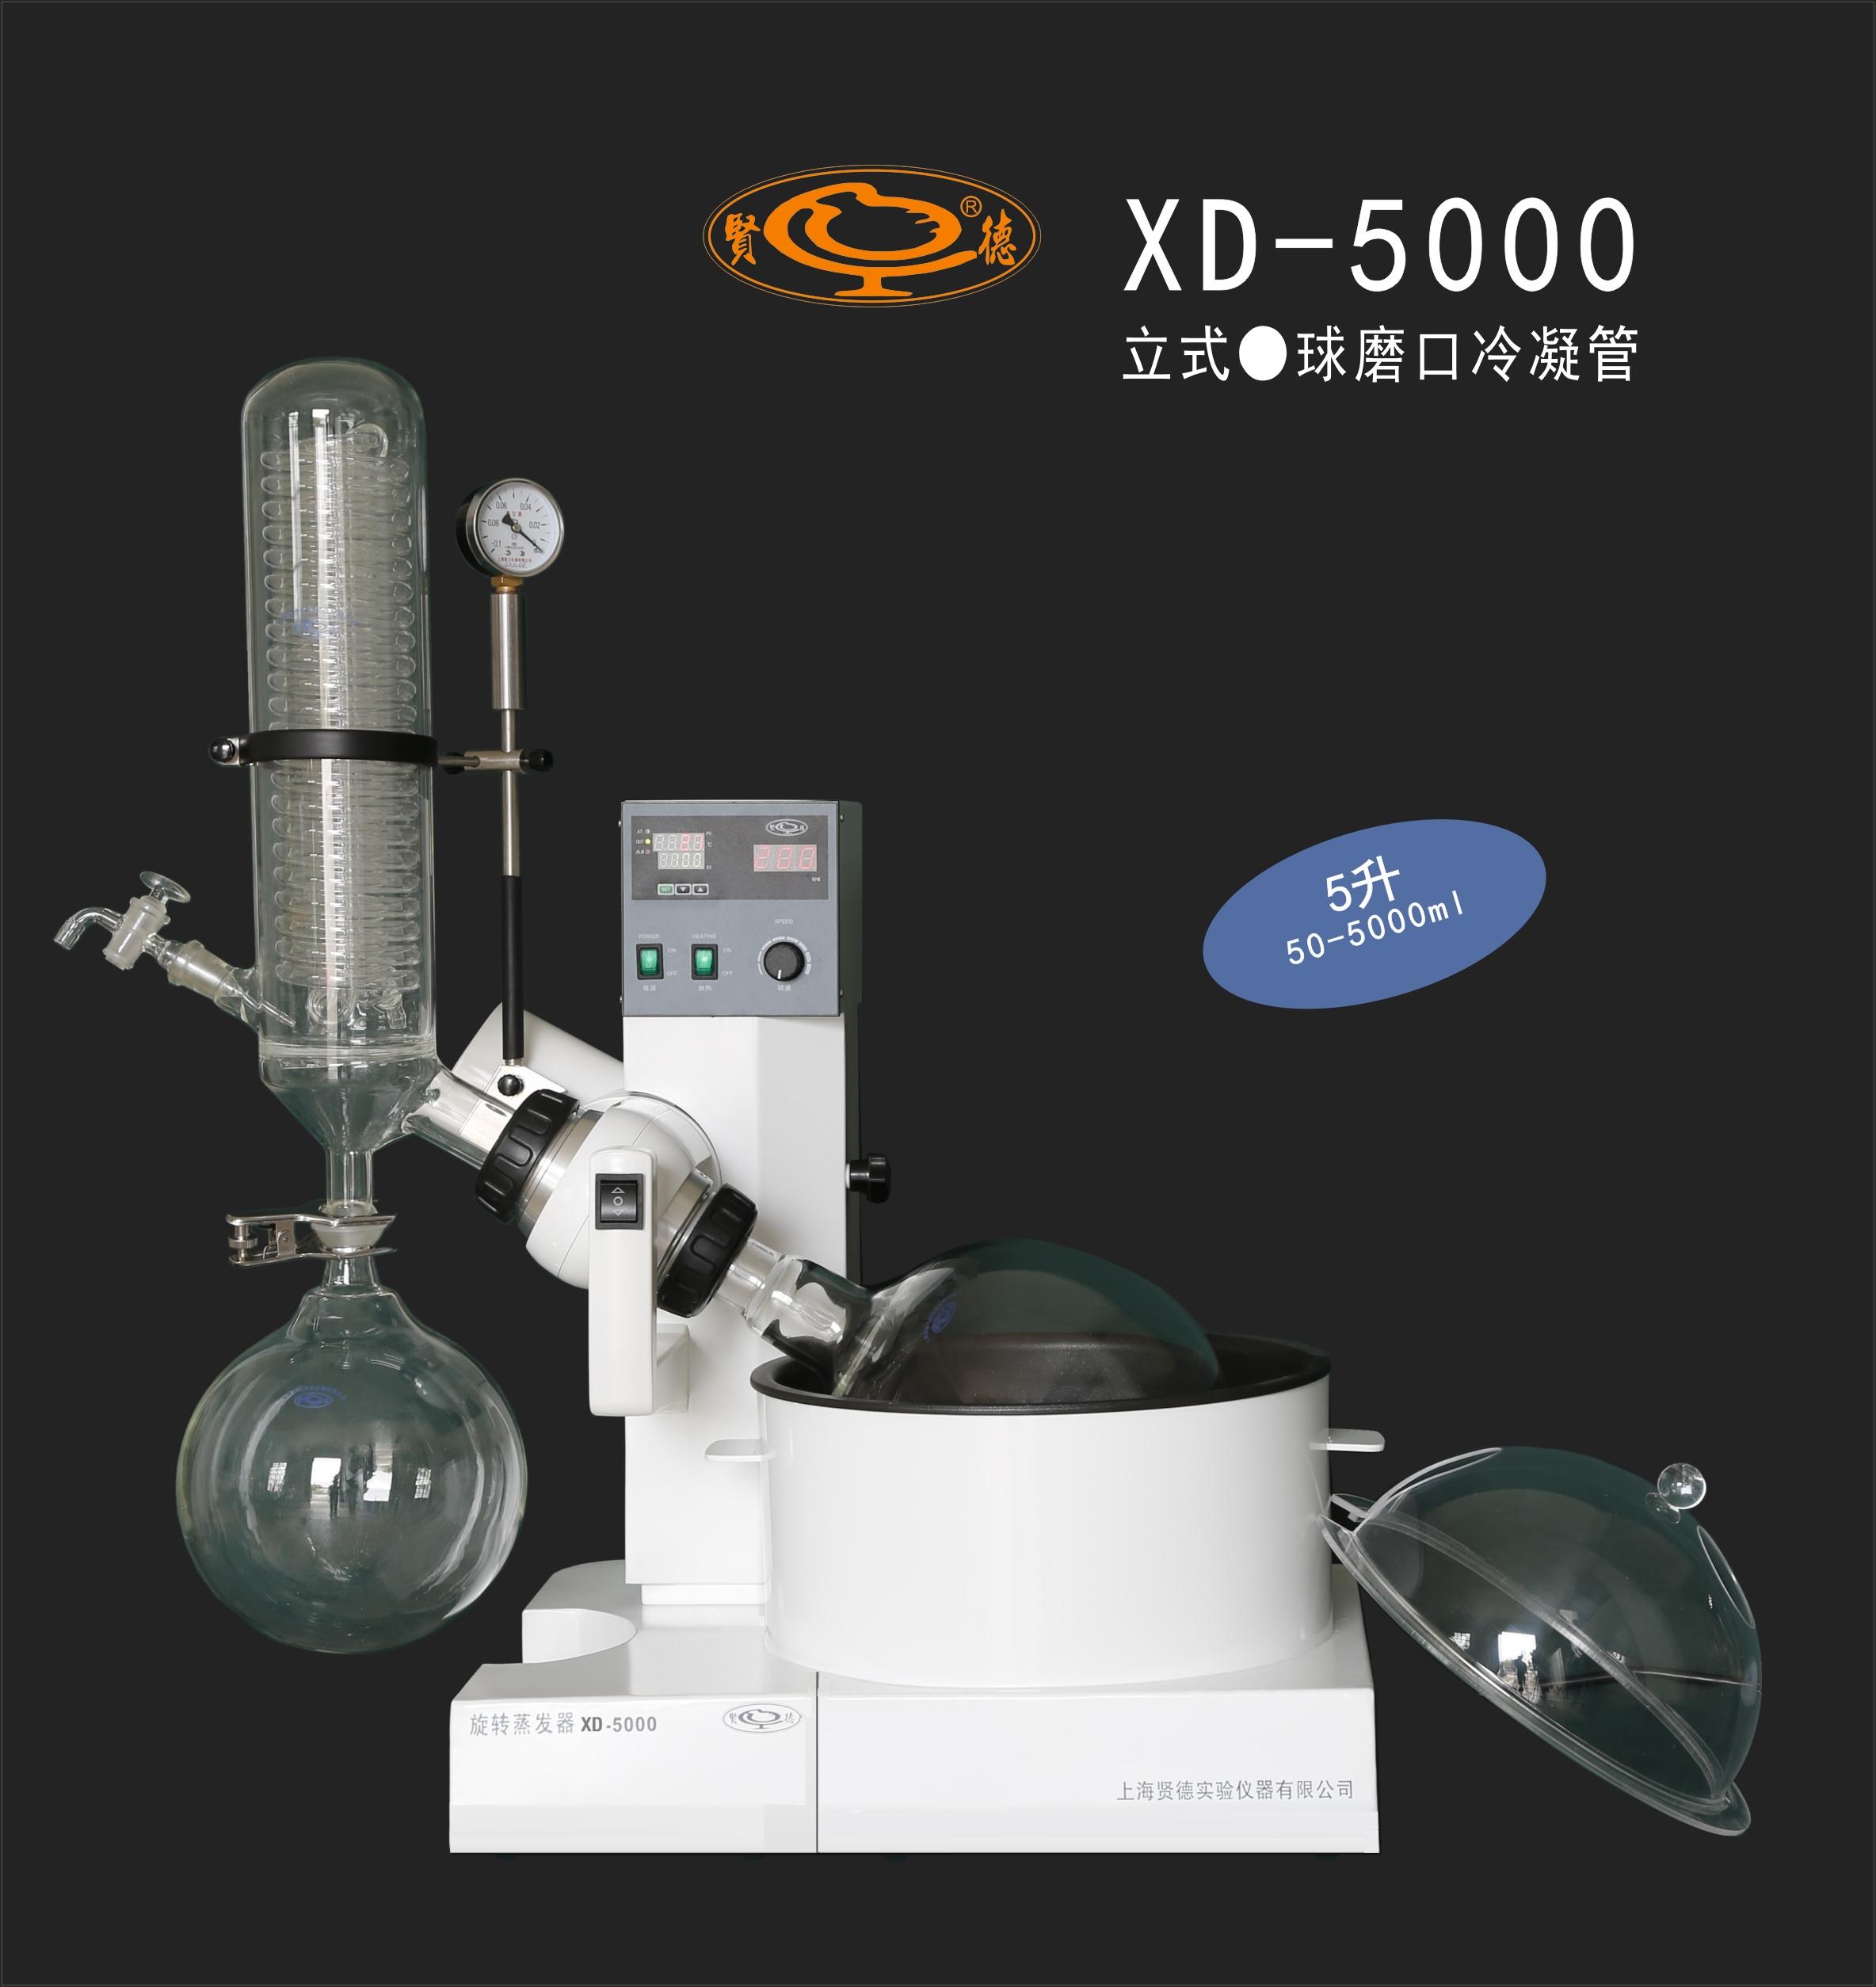 XD-5000旋转蒸发器